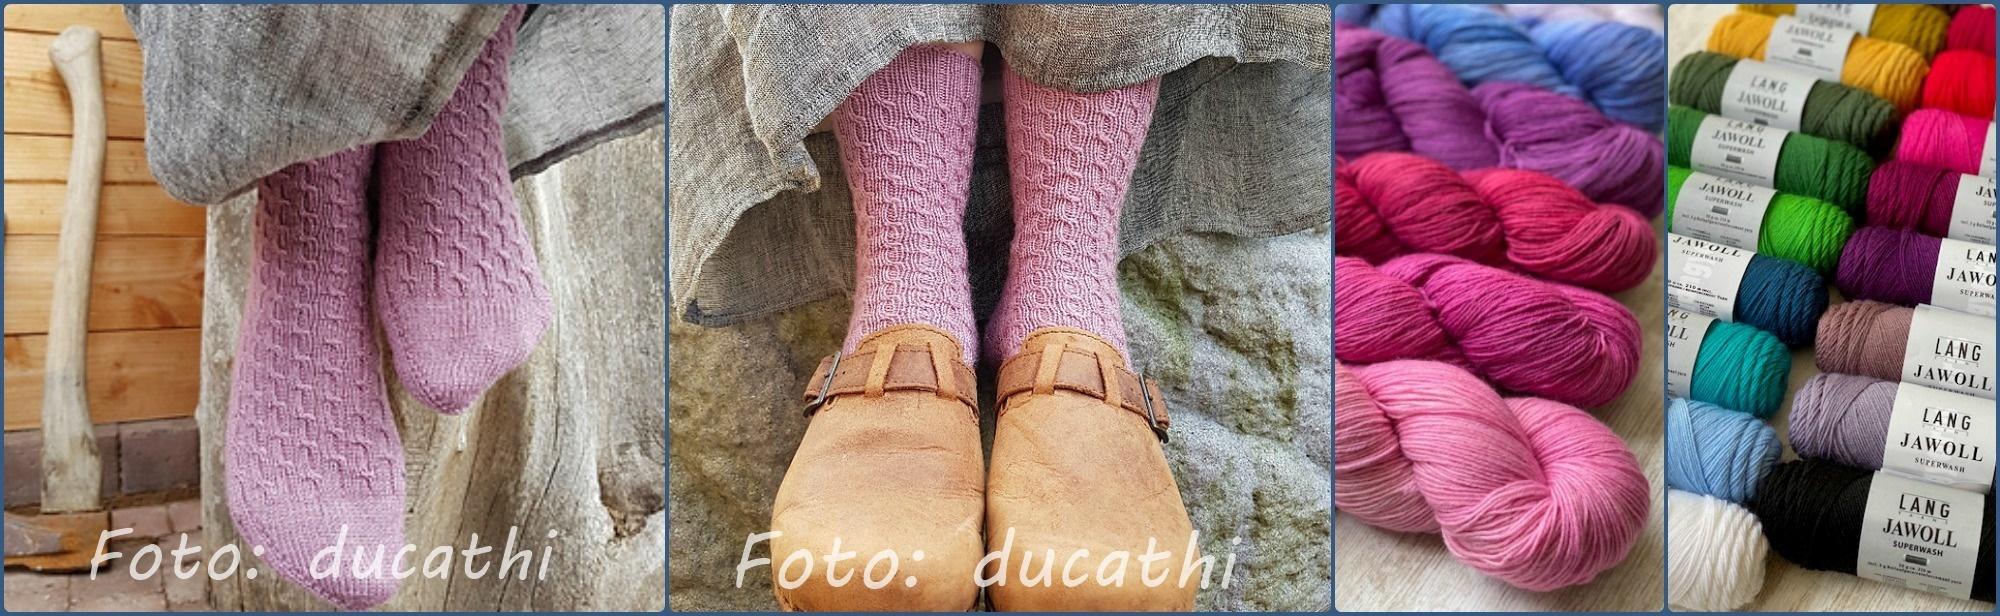 1b_ducathi_socken